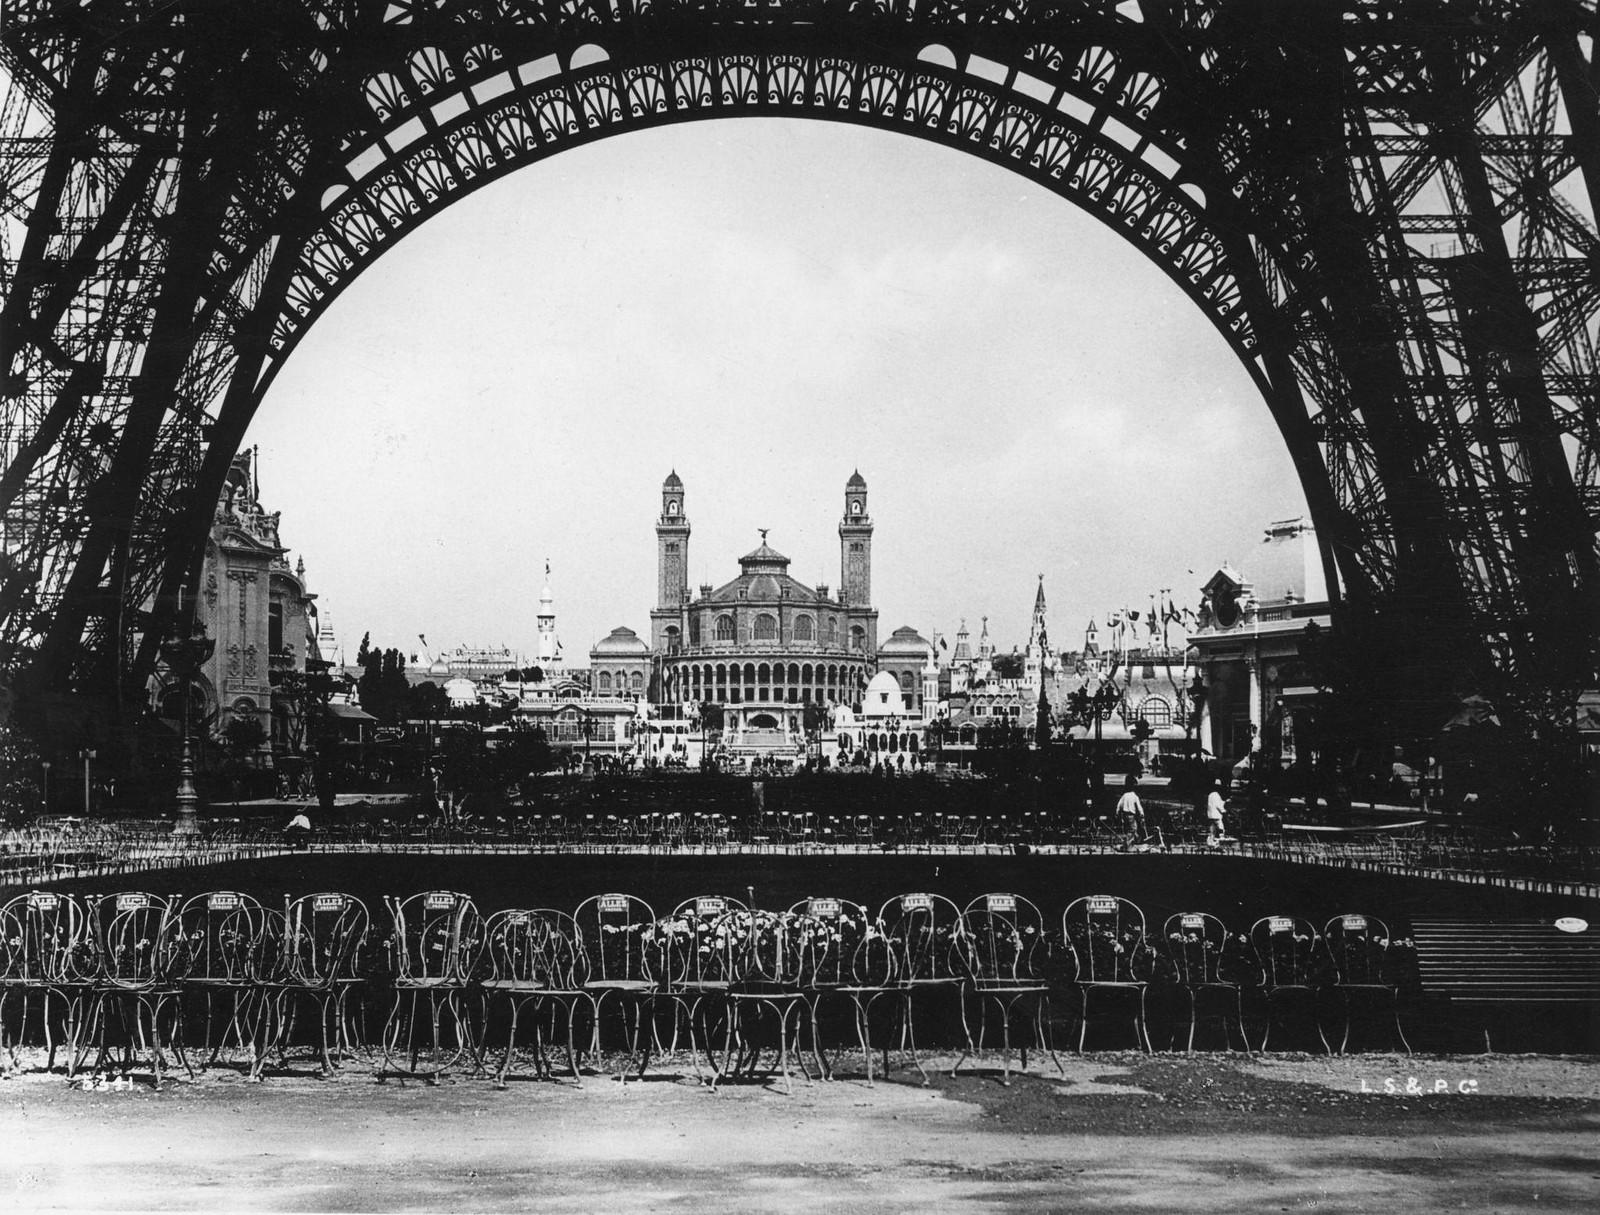 1900. Трокадеро сквозь основание Эйфелевой башни во время парижской выставки